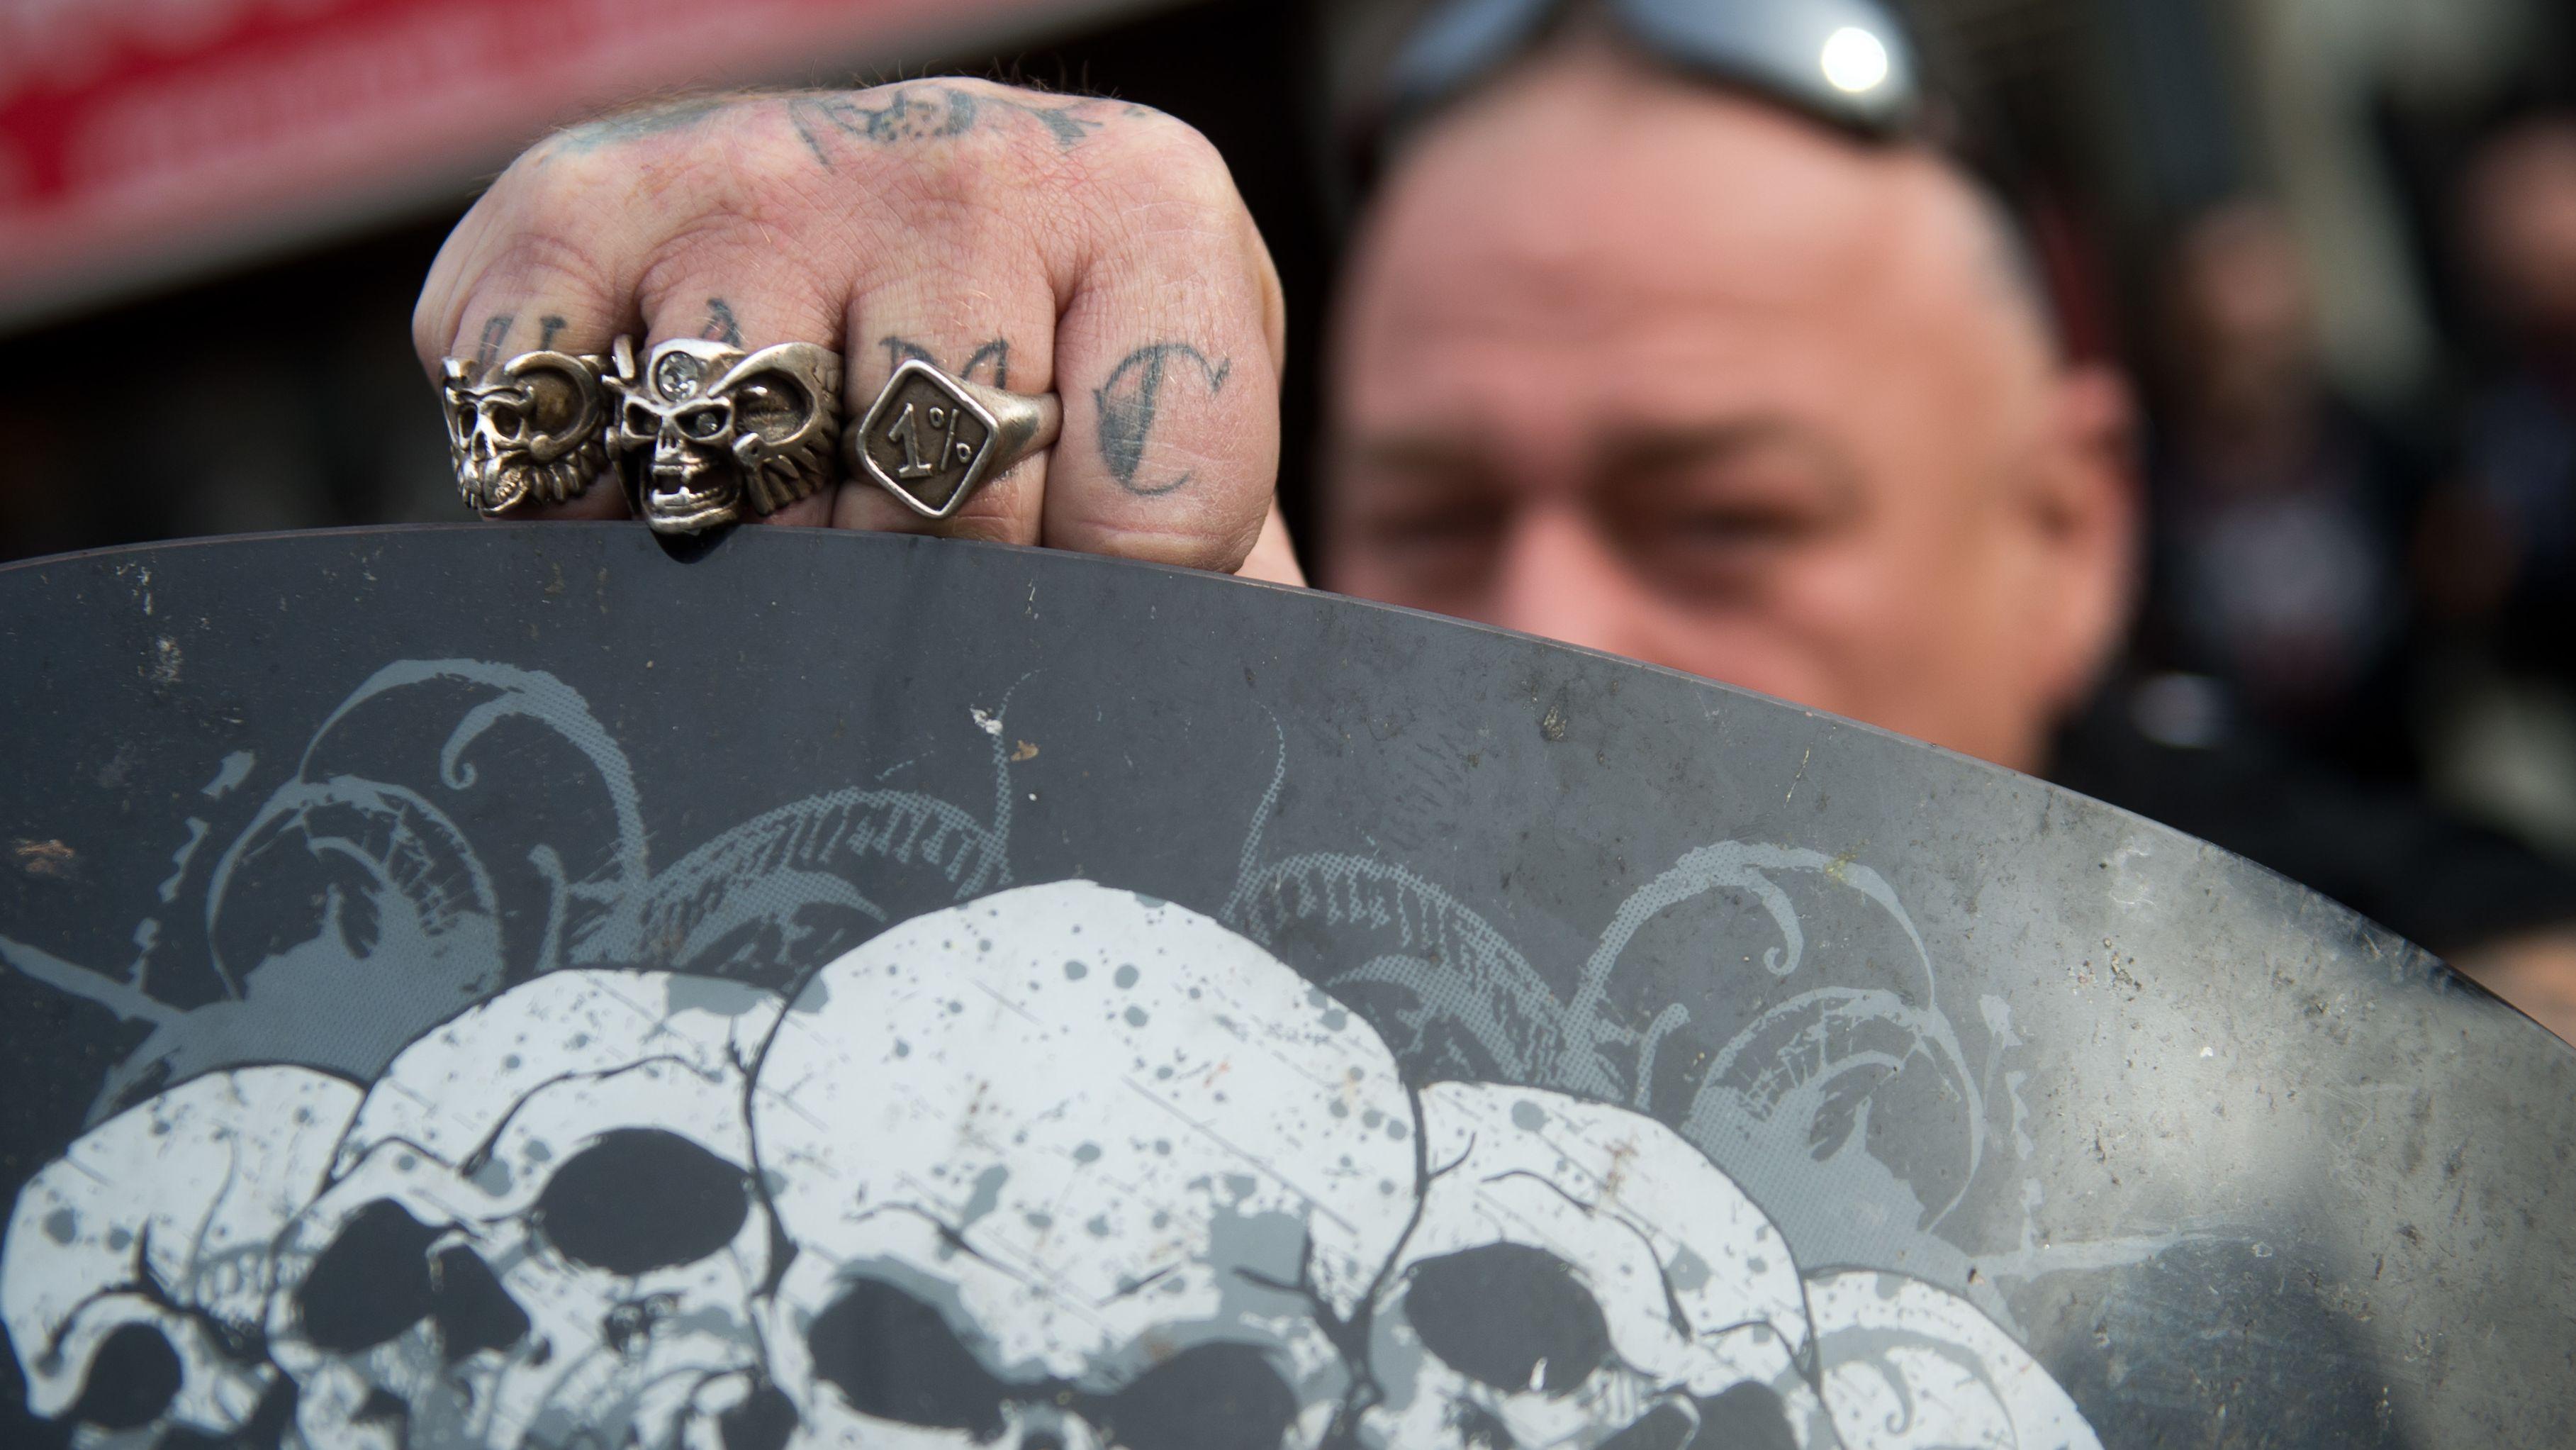 Ein Rocker zeigt Ringe mit Totenköpfen an seiner Hand